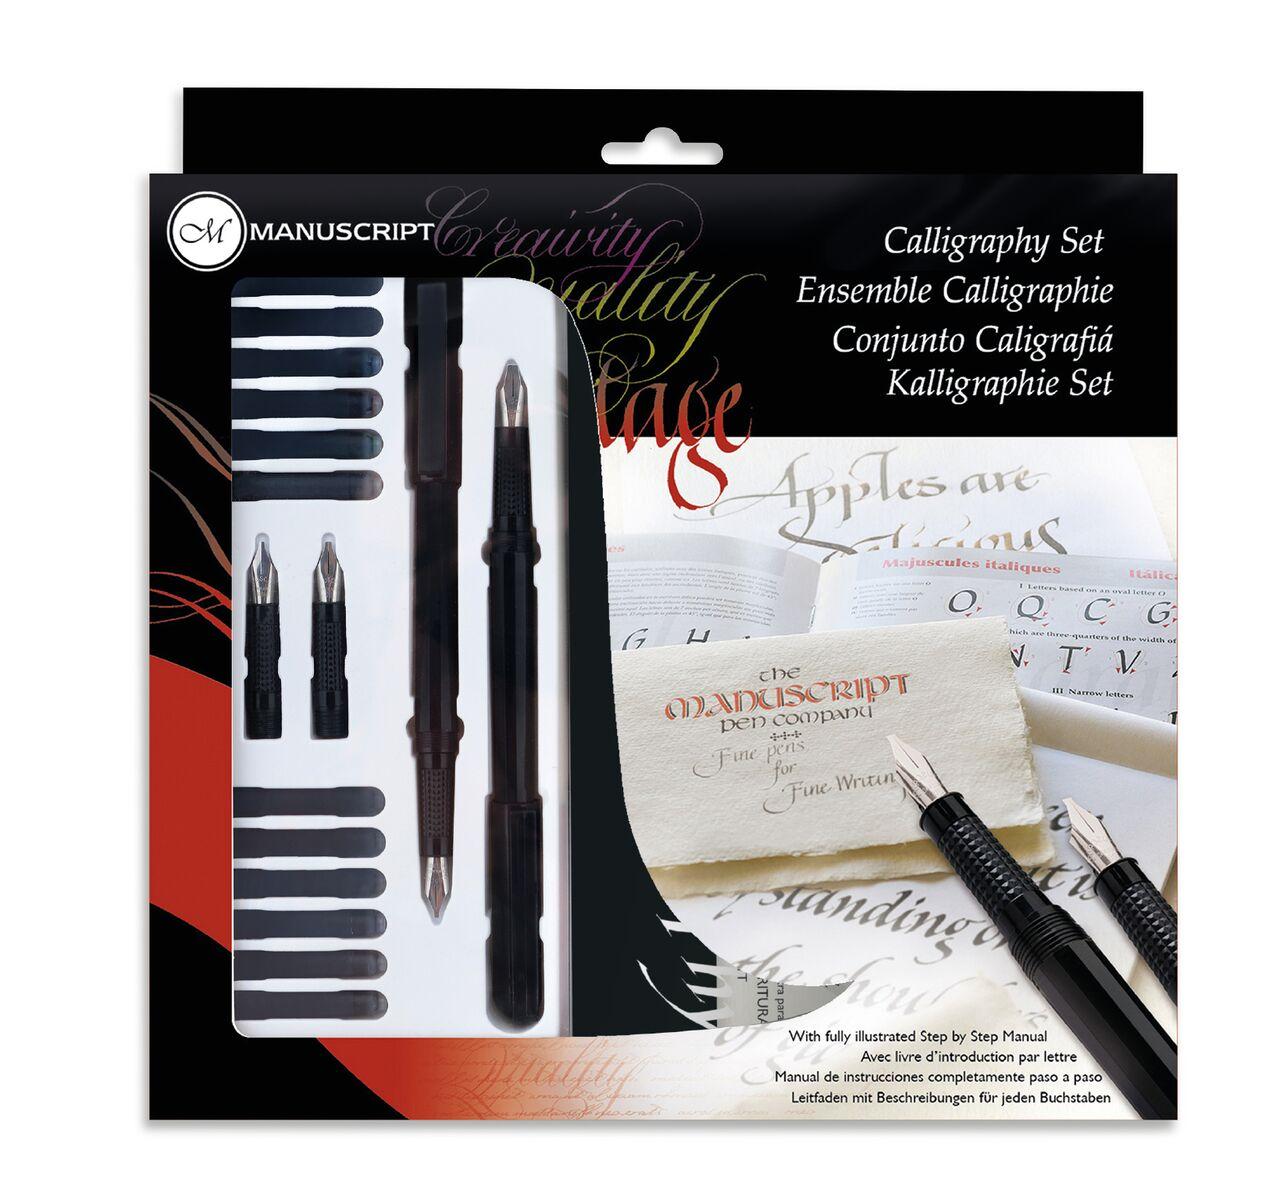 Купить Набор для каллиграфии Manuscript Calligraphy 4 с аксессуарами для левшей блистер